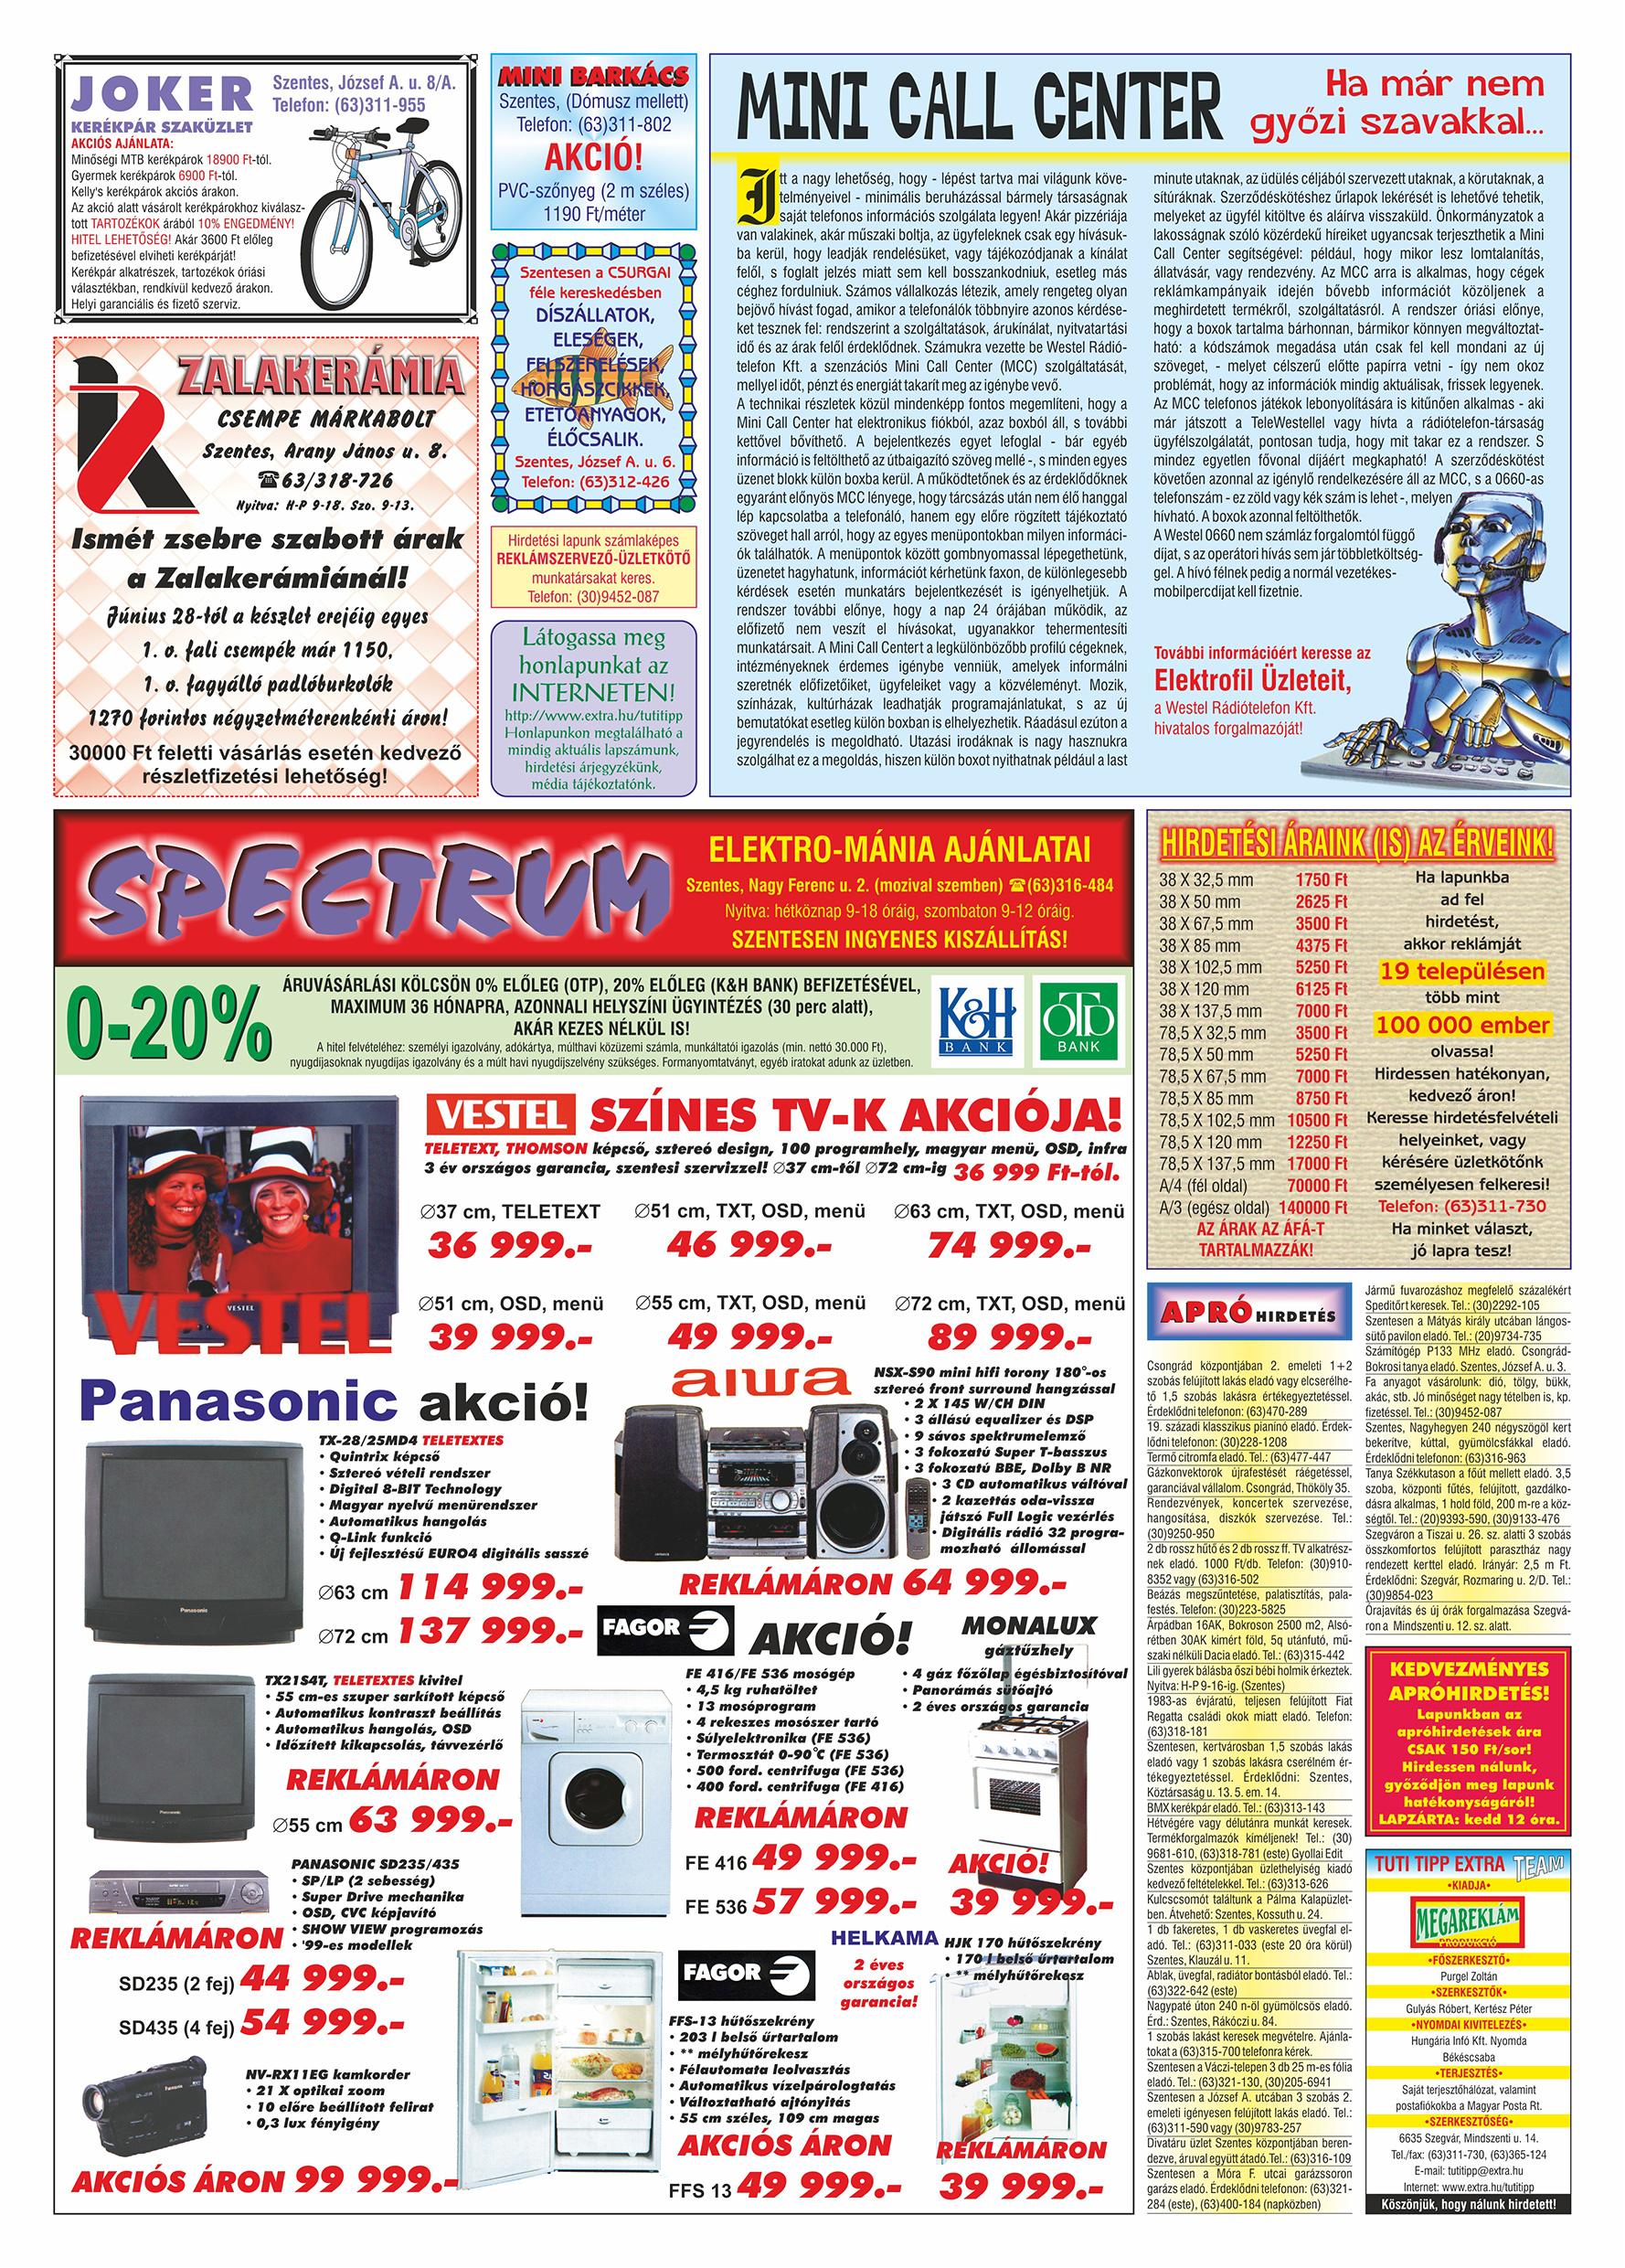 046 Tuti Tipp Extra reklámújság - 19990828-010. lapszám - 2.oldal - V. évfolyam.jpg